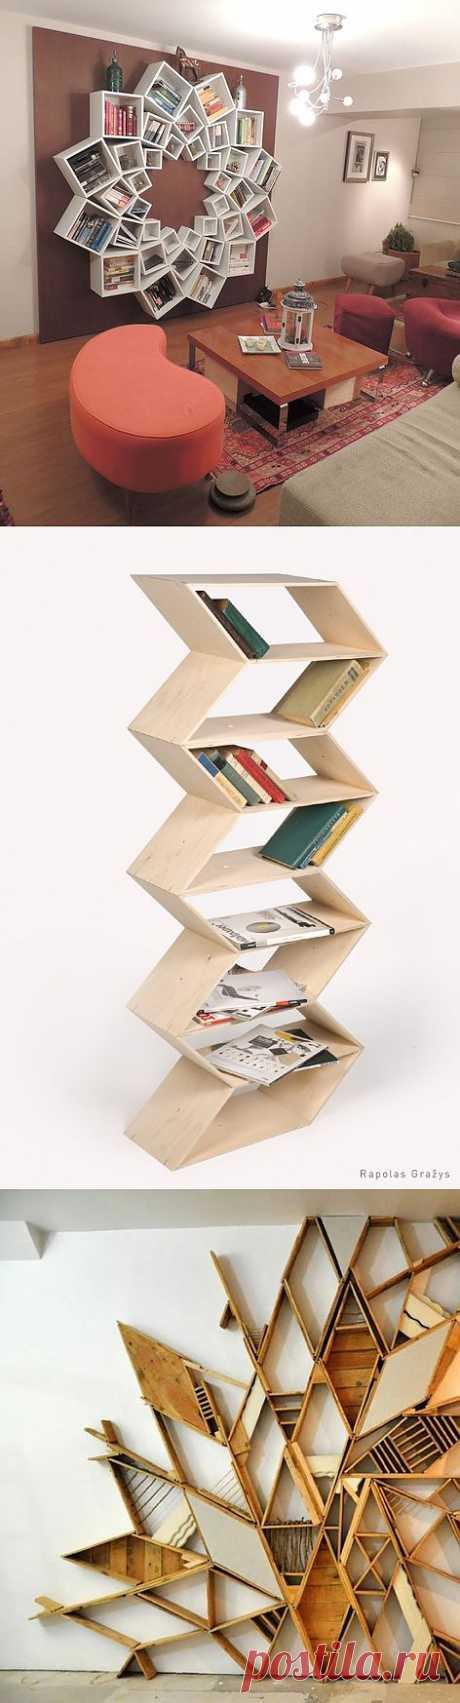 Еще три креативных стеллажа для книг / Книги в интерьере / Модный сайт о стильной переделке одежды и интерьера